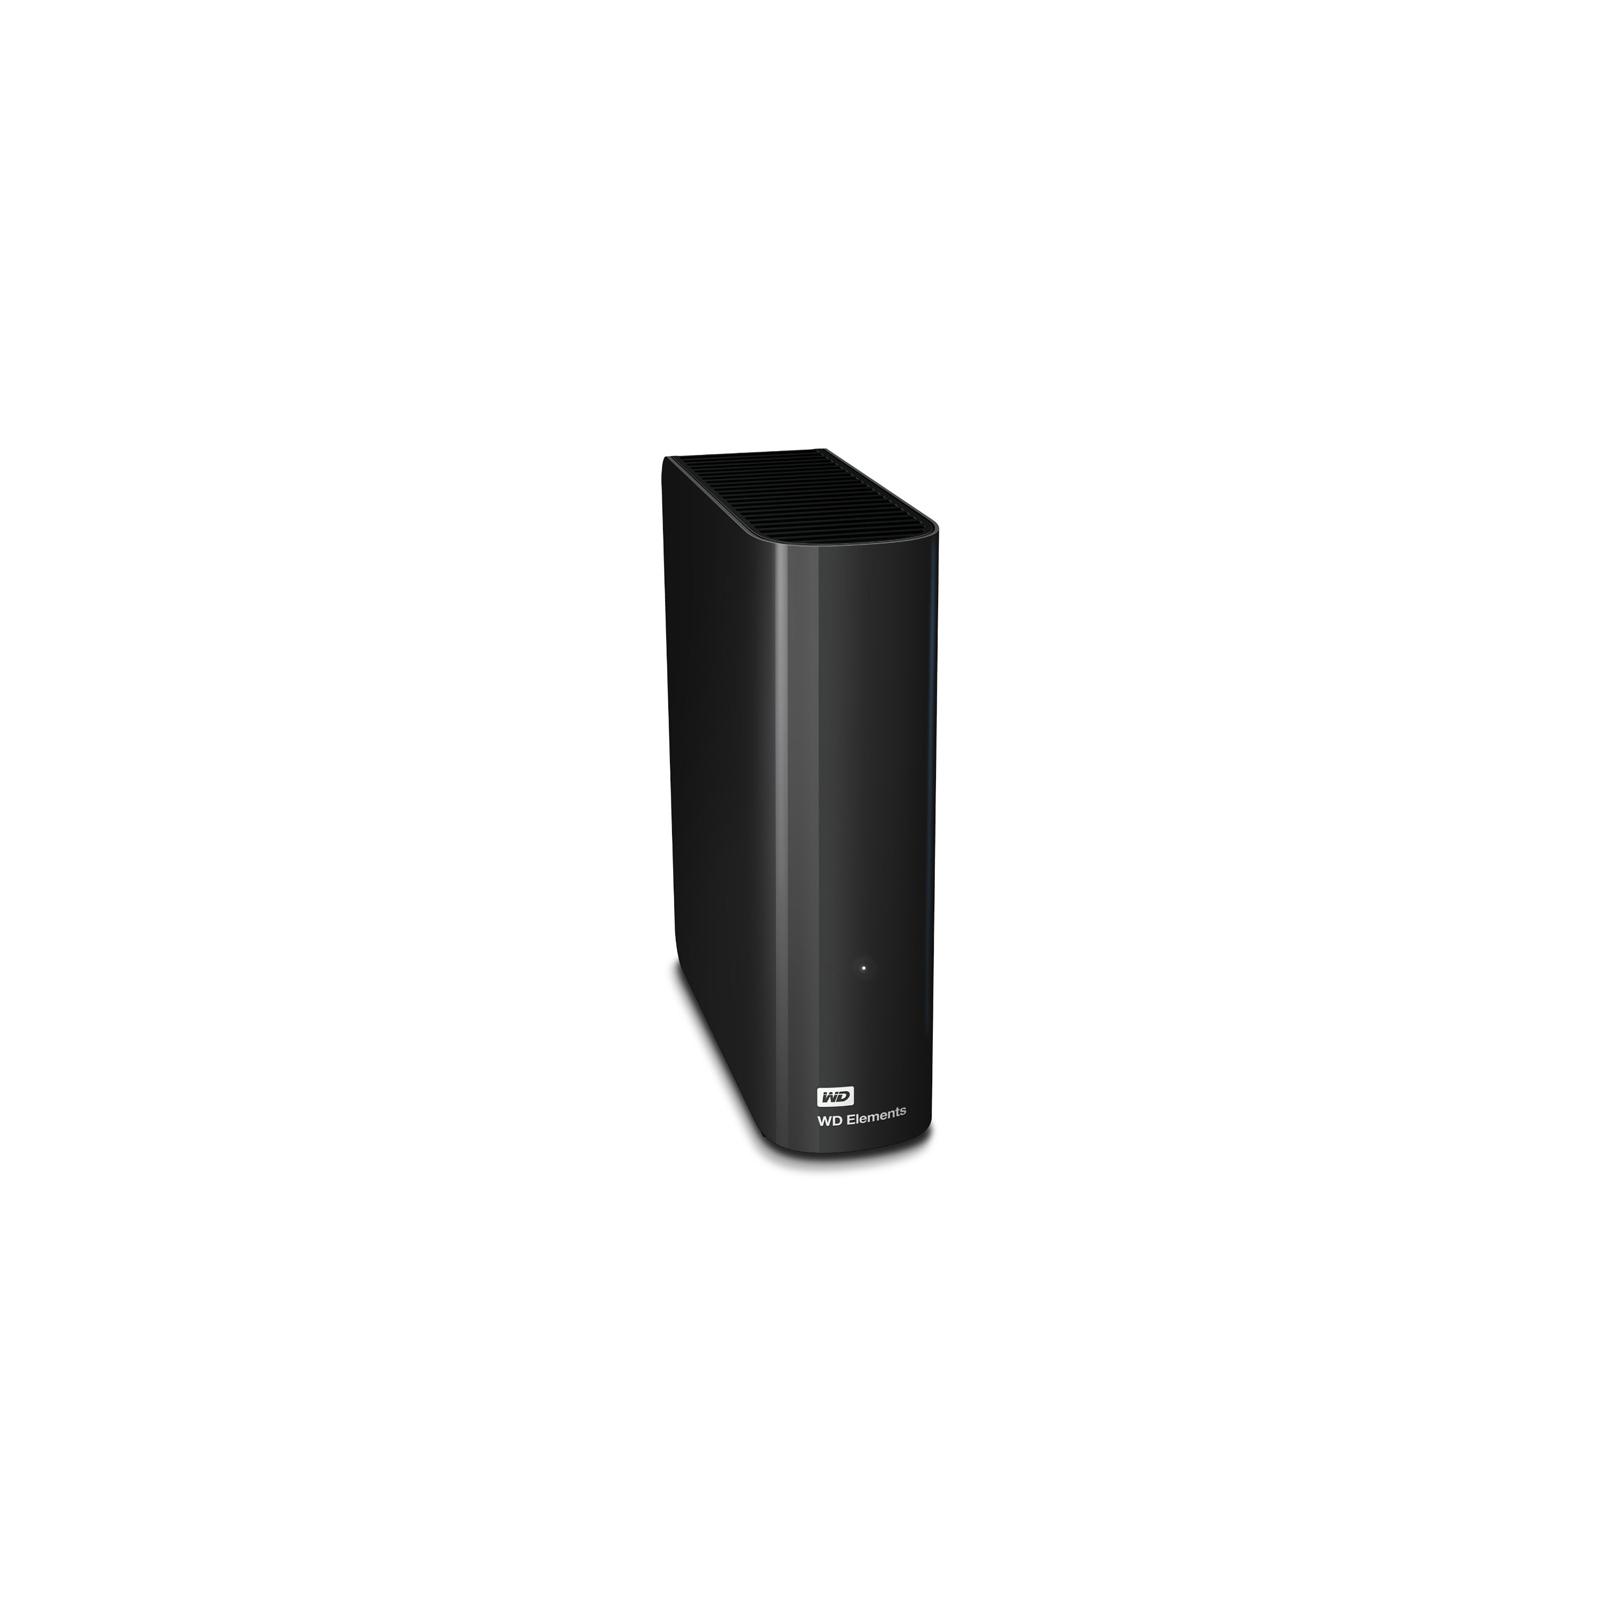 """Внешний жесткий диск 3.5"""" 3TB Western Digital (WDBWLG0030HBK-EESN) изображение 5"""